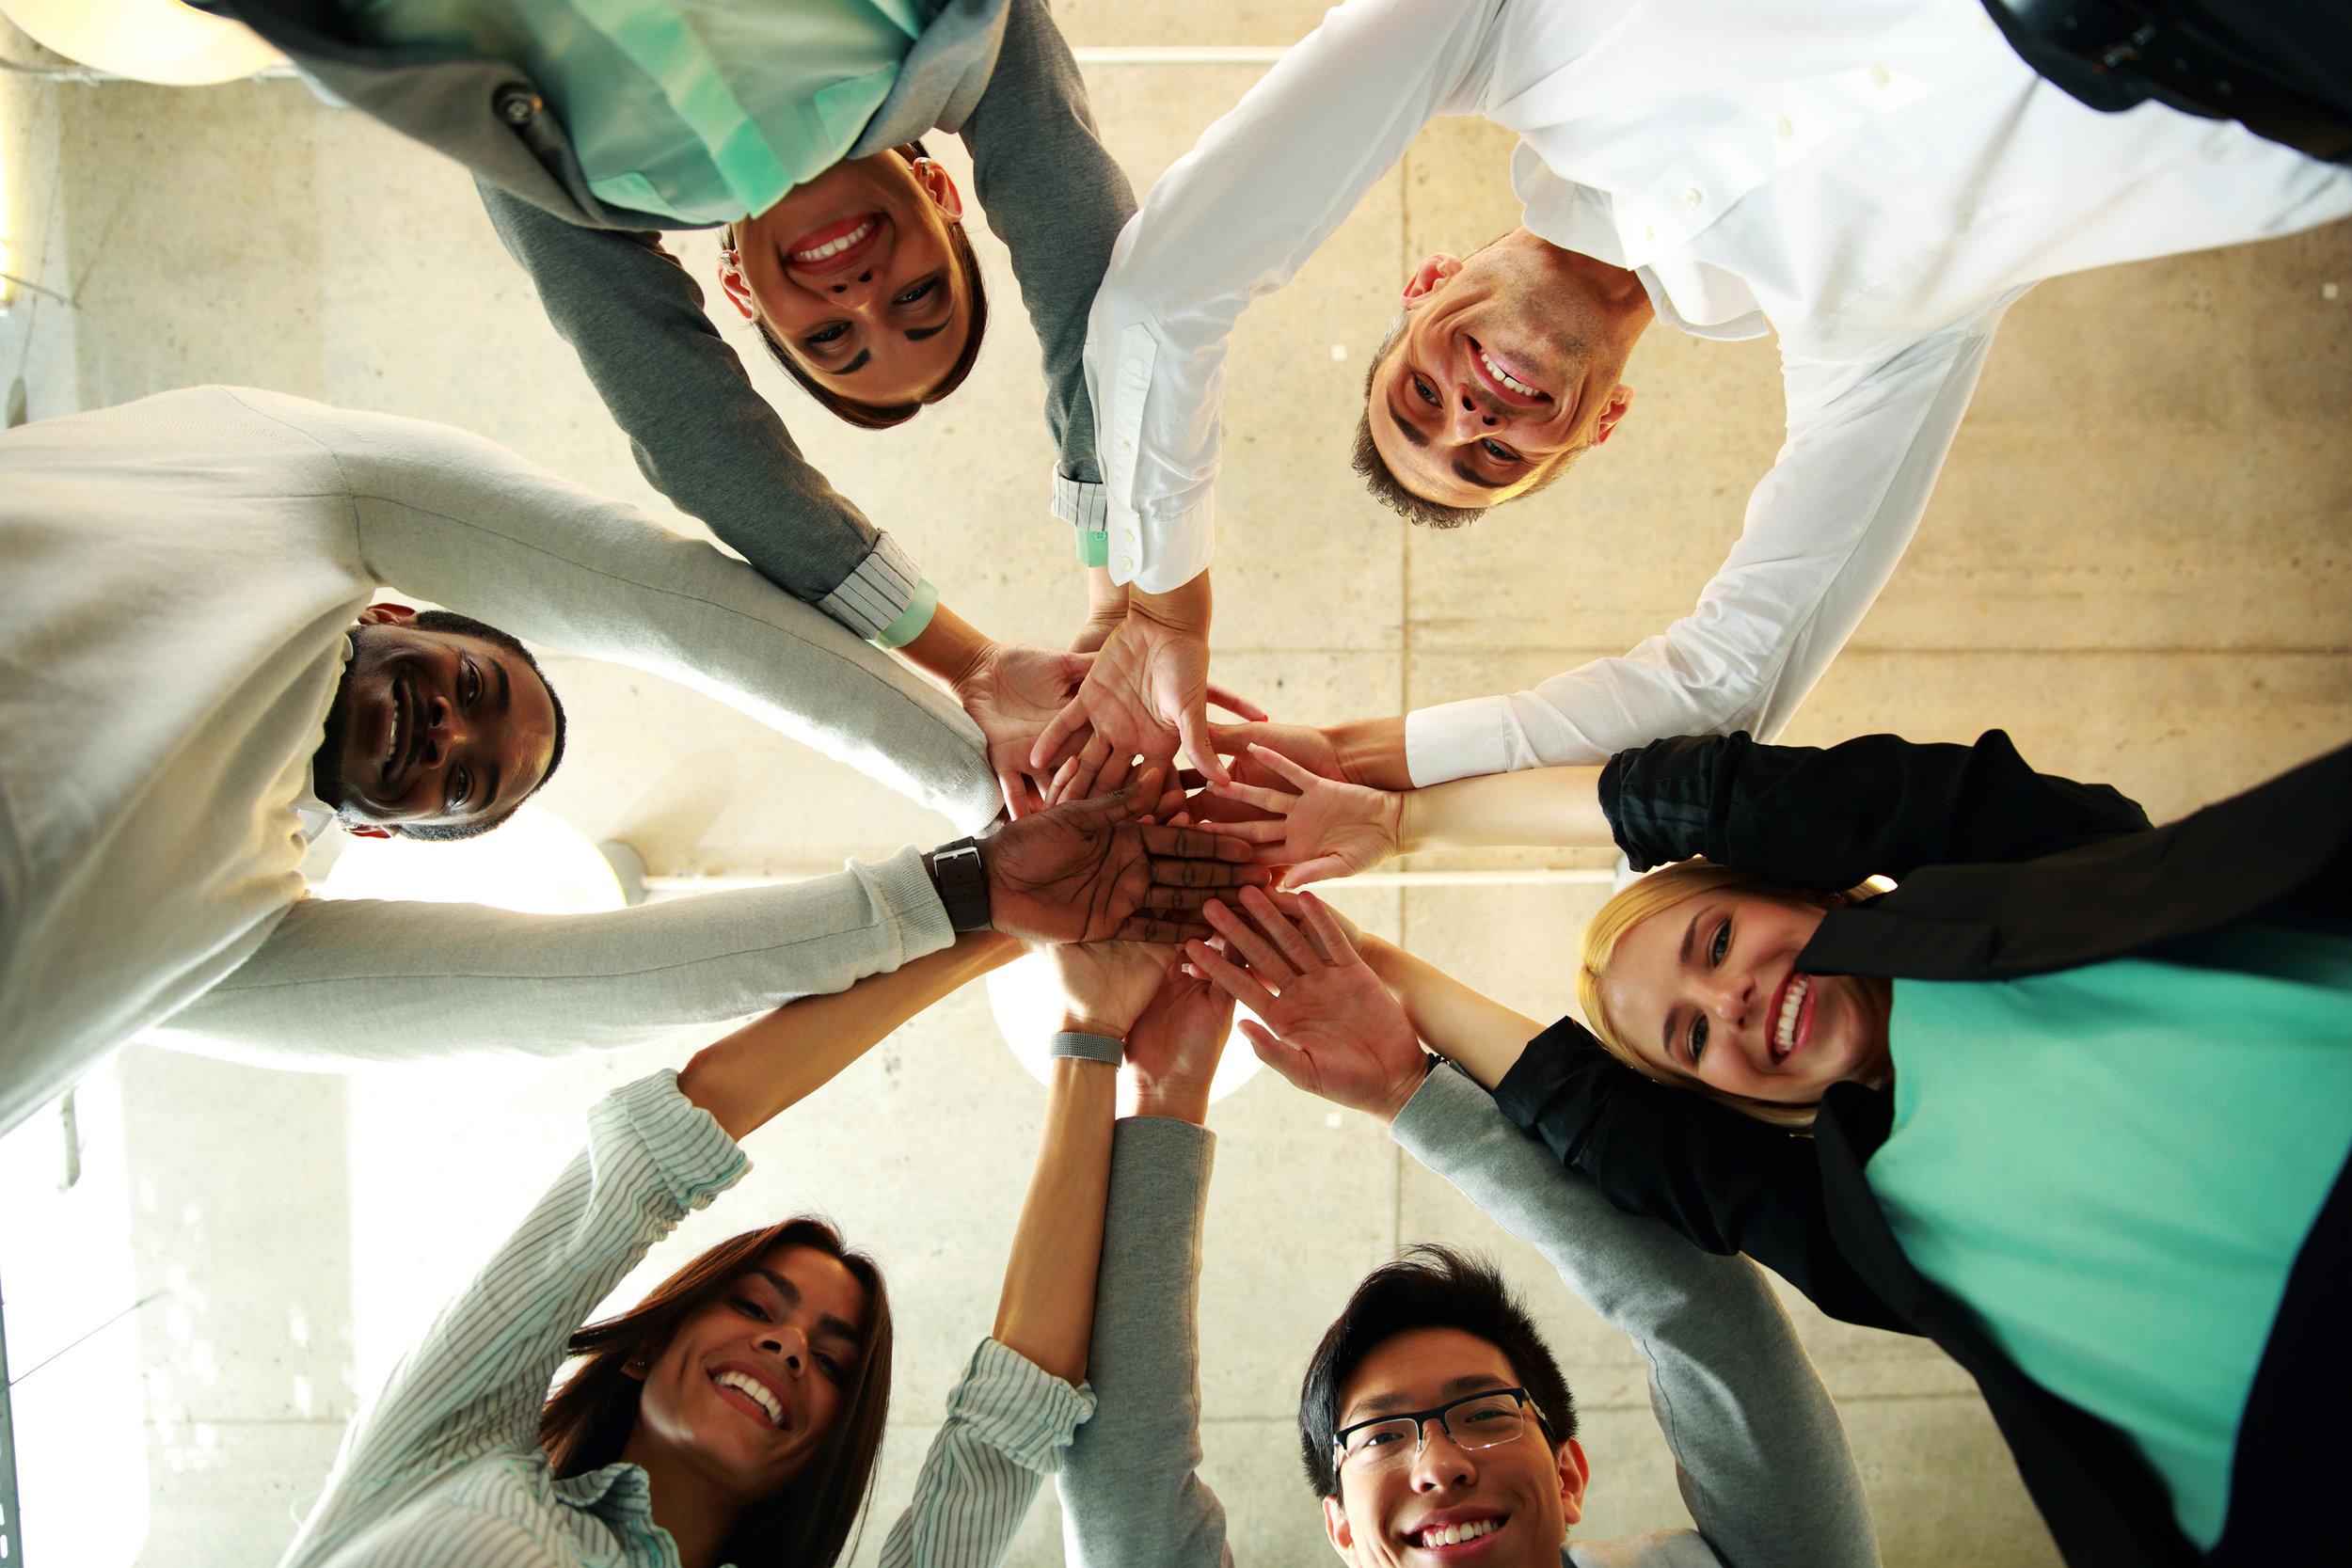 Business_Teamwork_Diversity.jpg